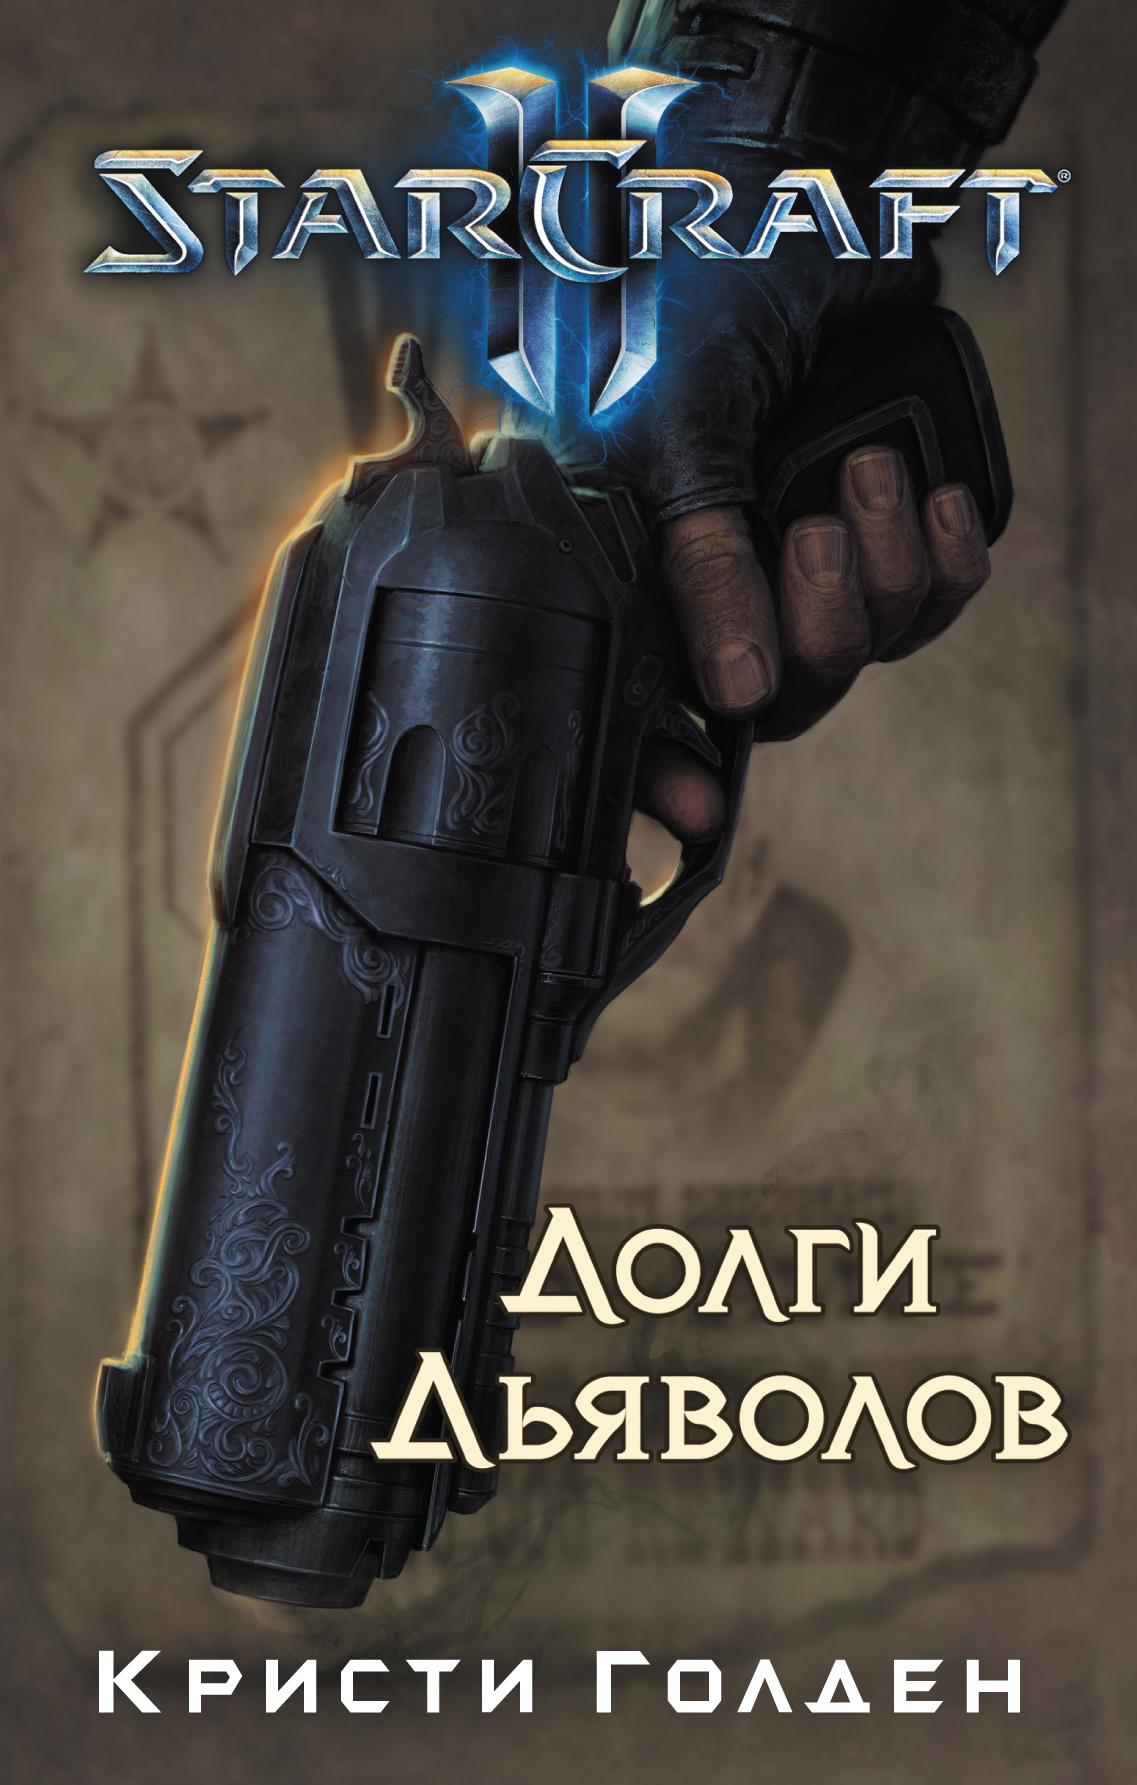 StarCraft 2. Долги дьяволов